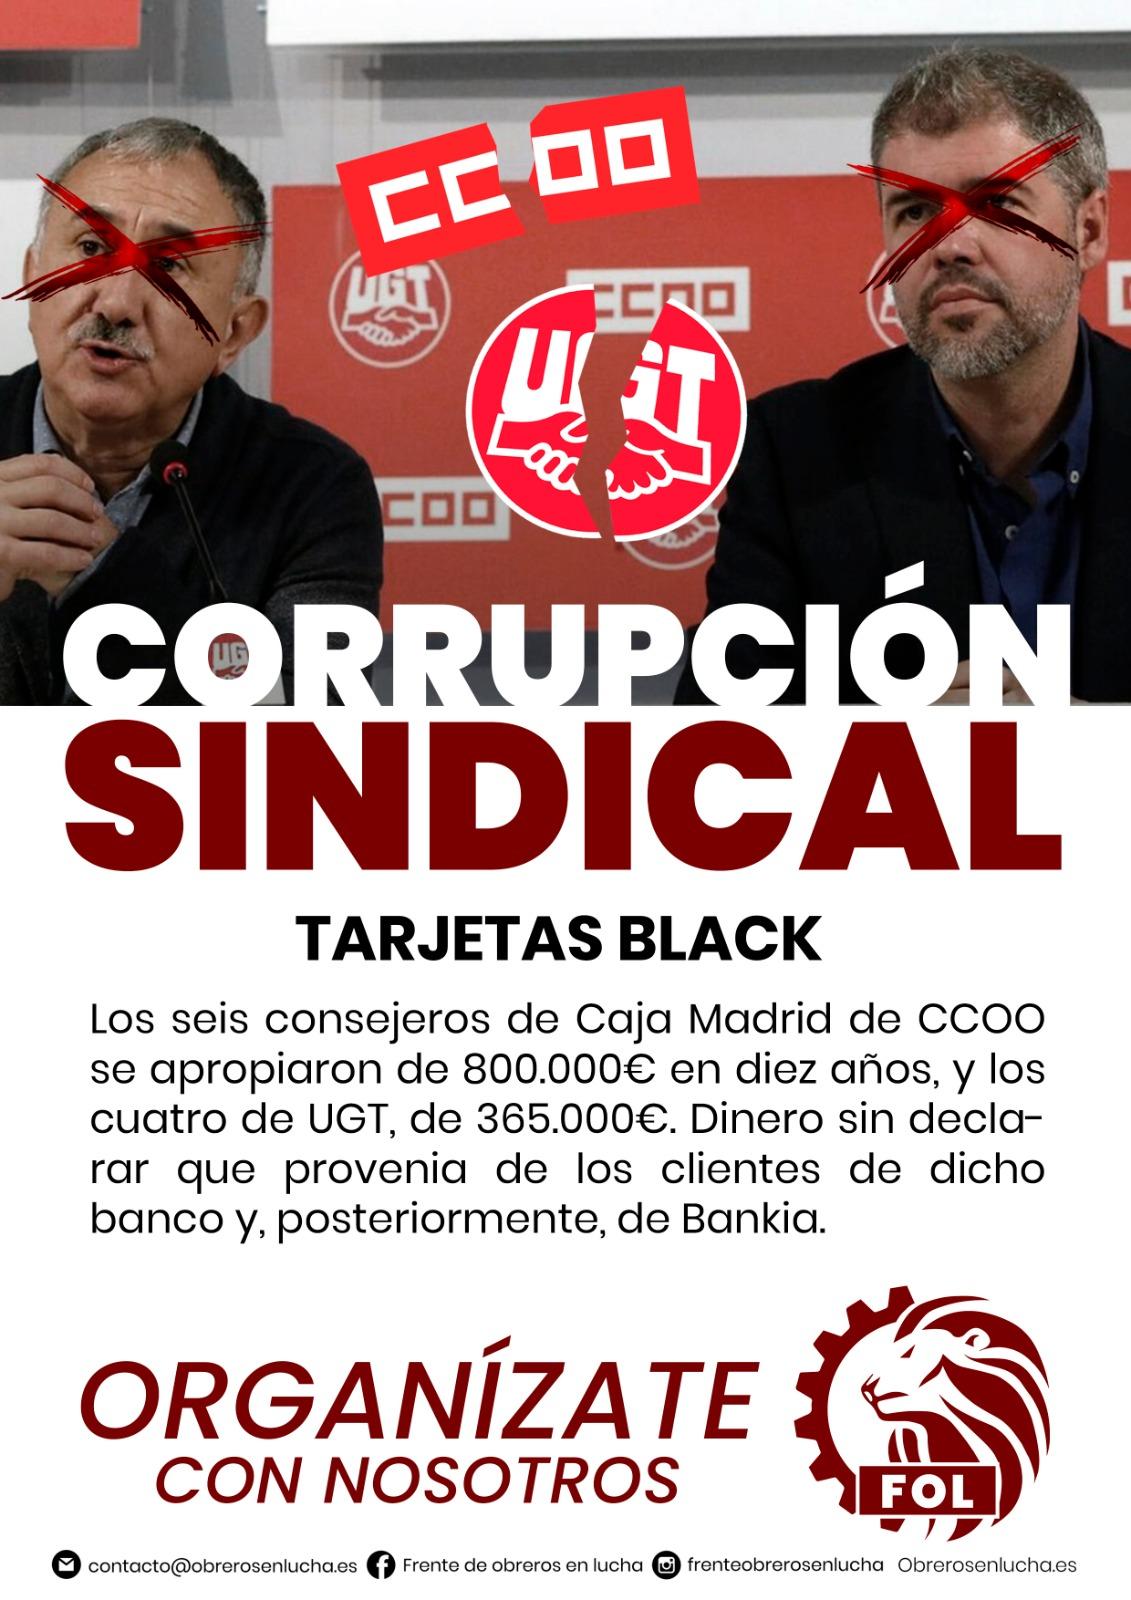 CORRUPCIÓN SINDICAL-TARJETAS BLACK